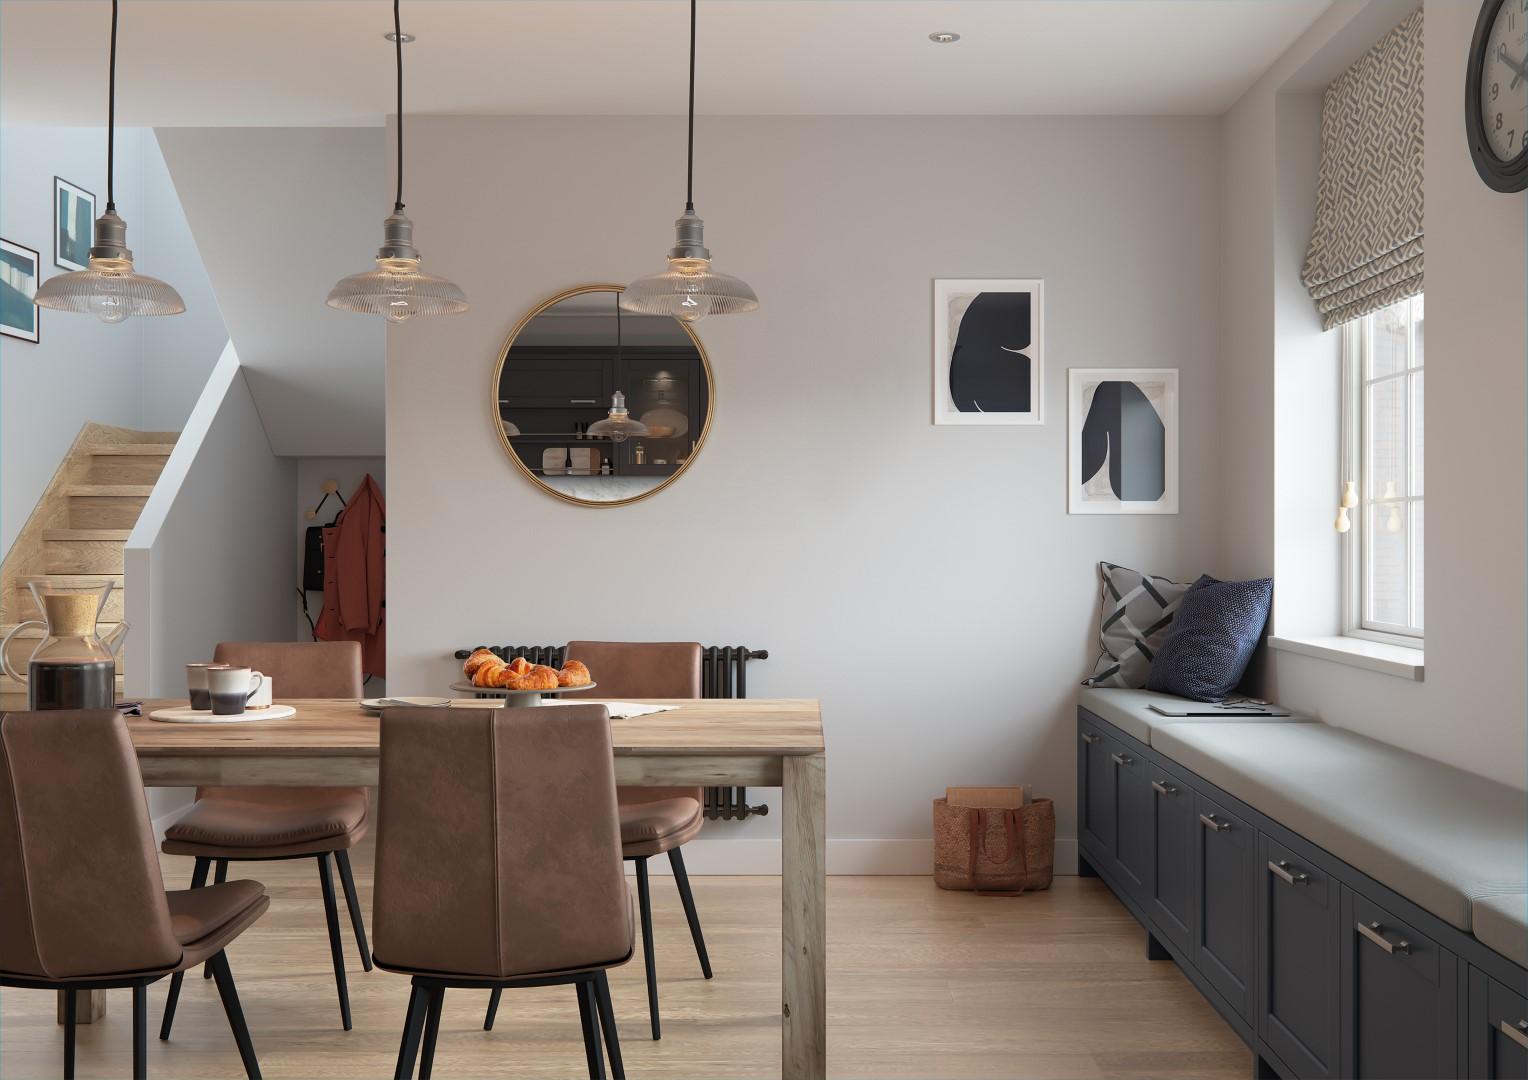 Dawson Indigo - Kitchen Design - Alan Kelly Kitchens - Waterford - 1